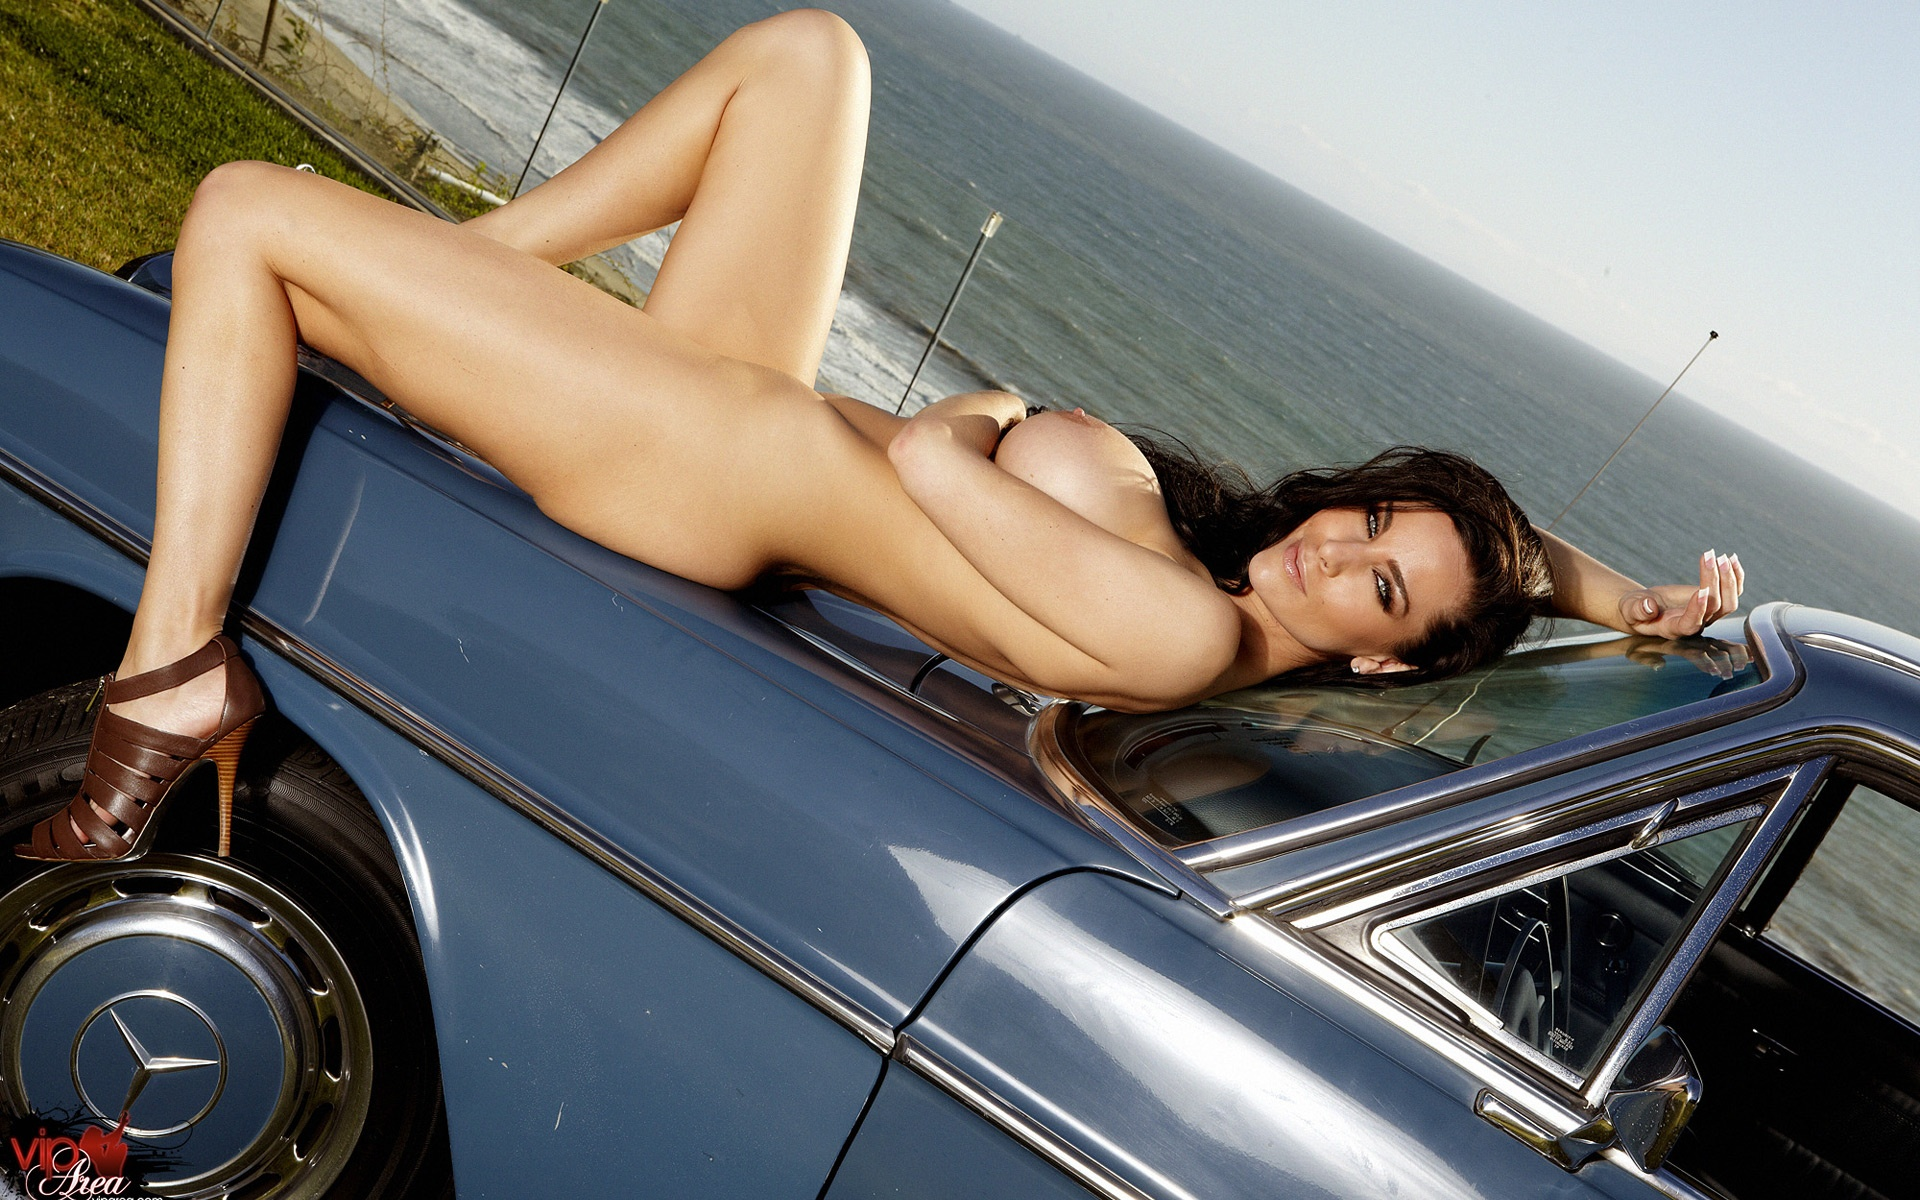 Эротика и автомобили 24 фотография